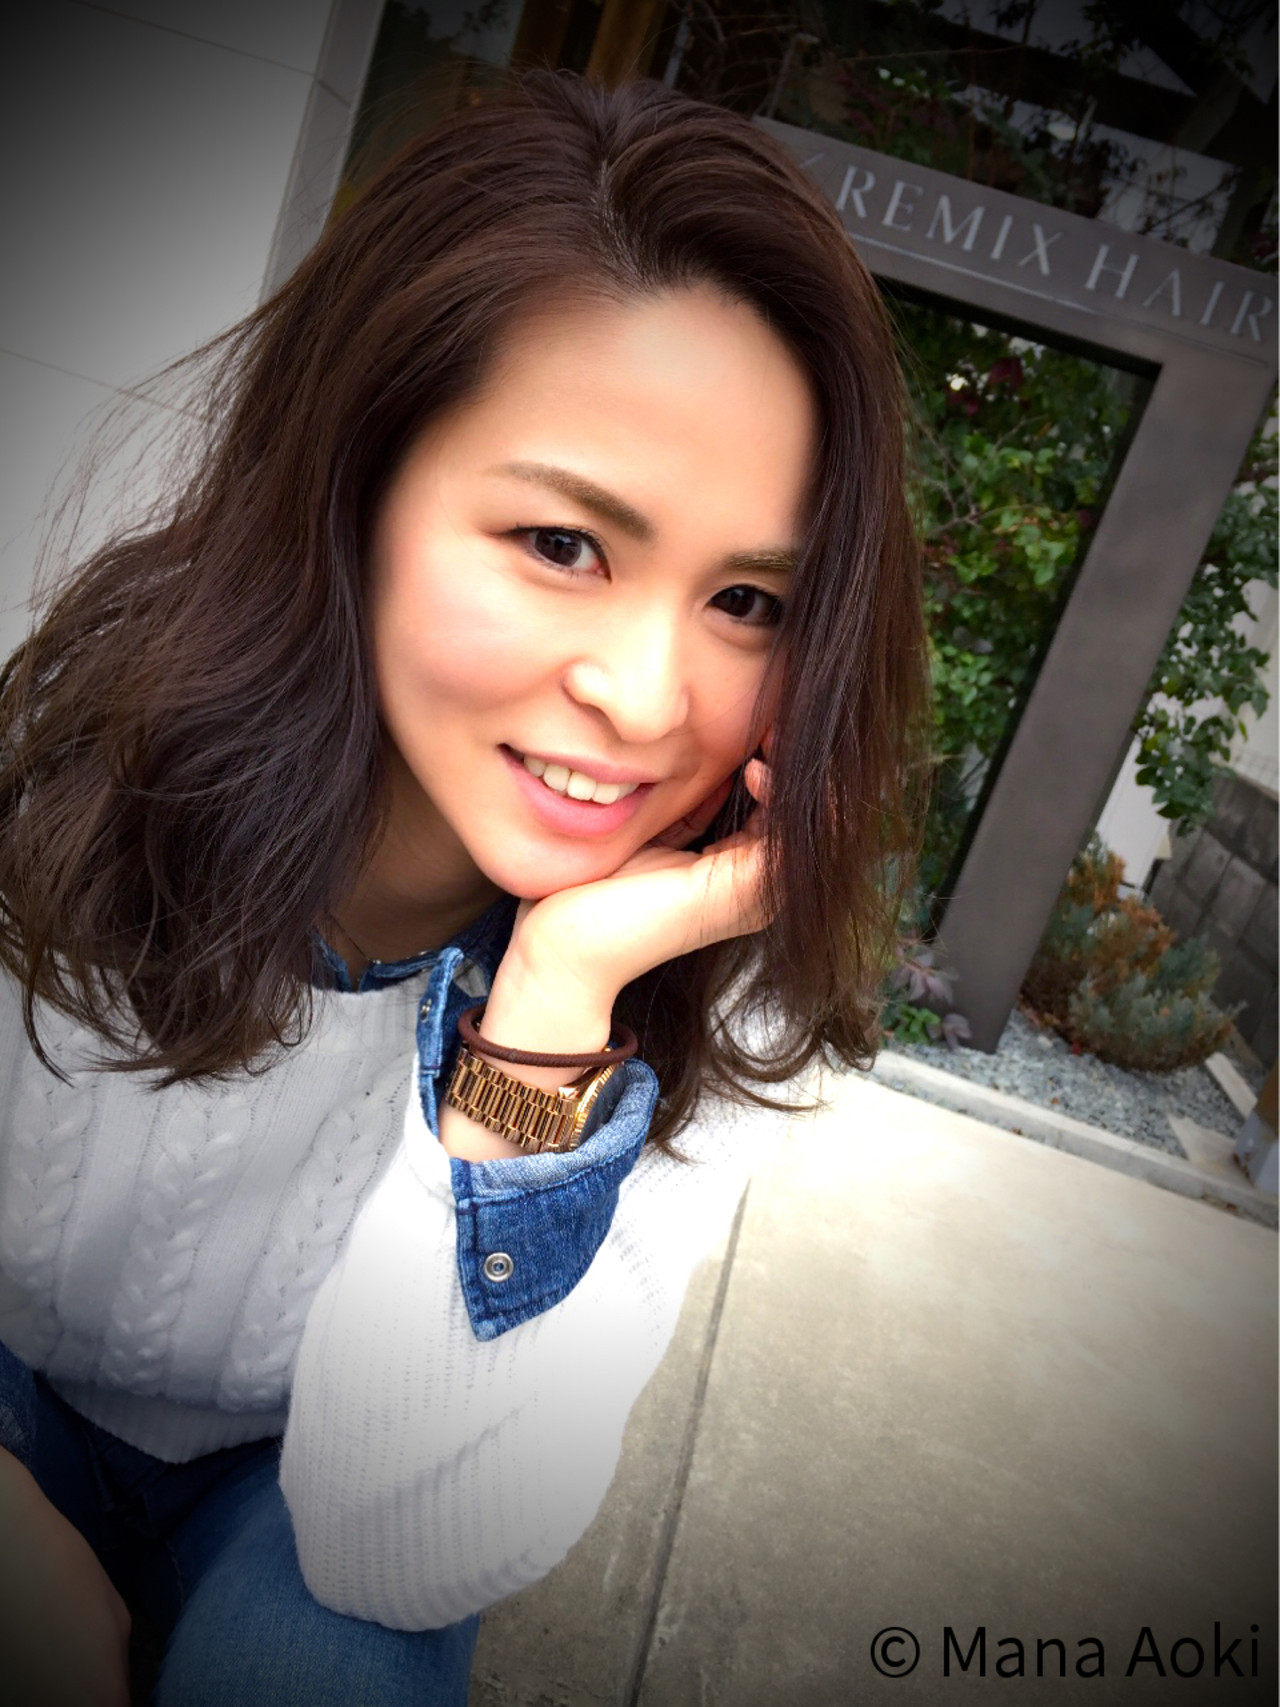 新色で灰白色の透け髪に。2016年春夏は「フレンチカラー」で決まり♪ Mana Aoki / REMIXHAIR